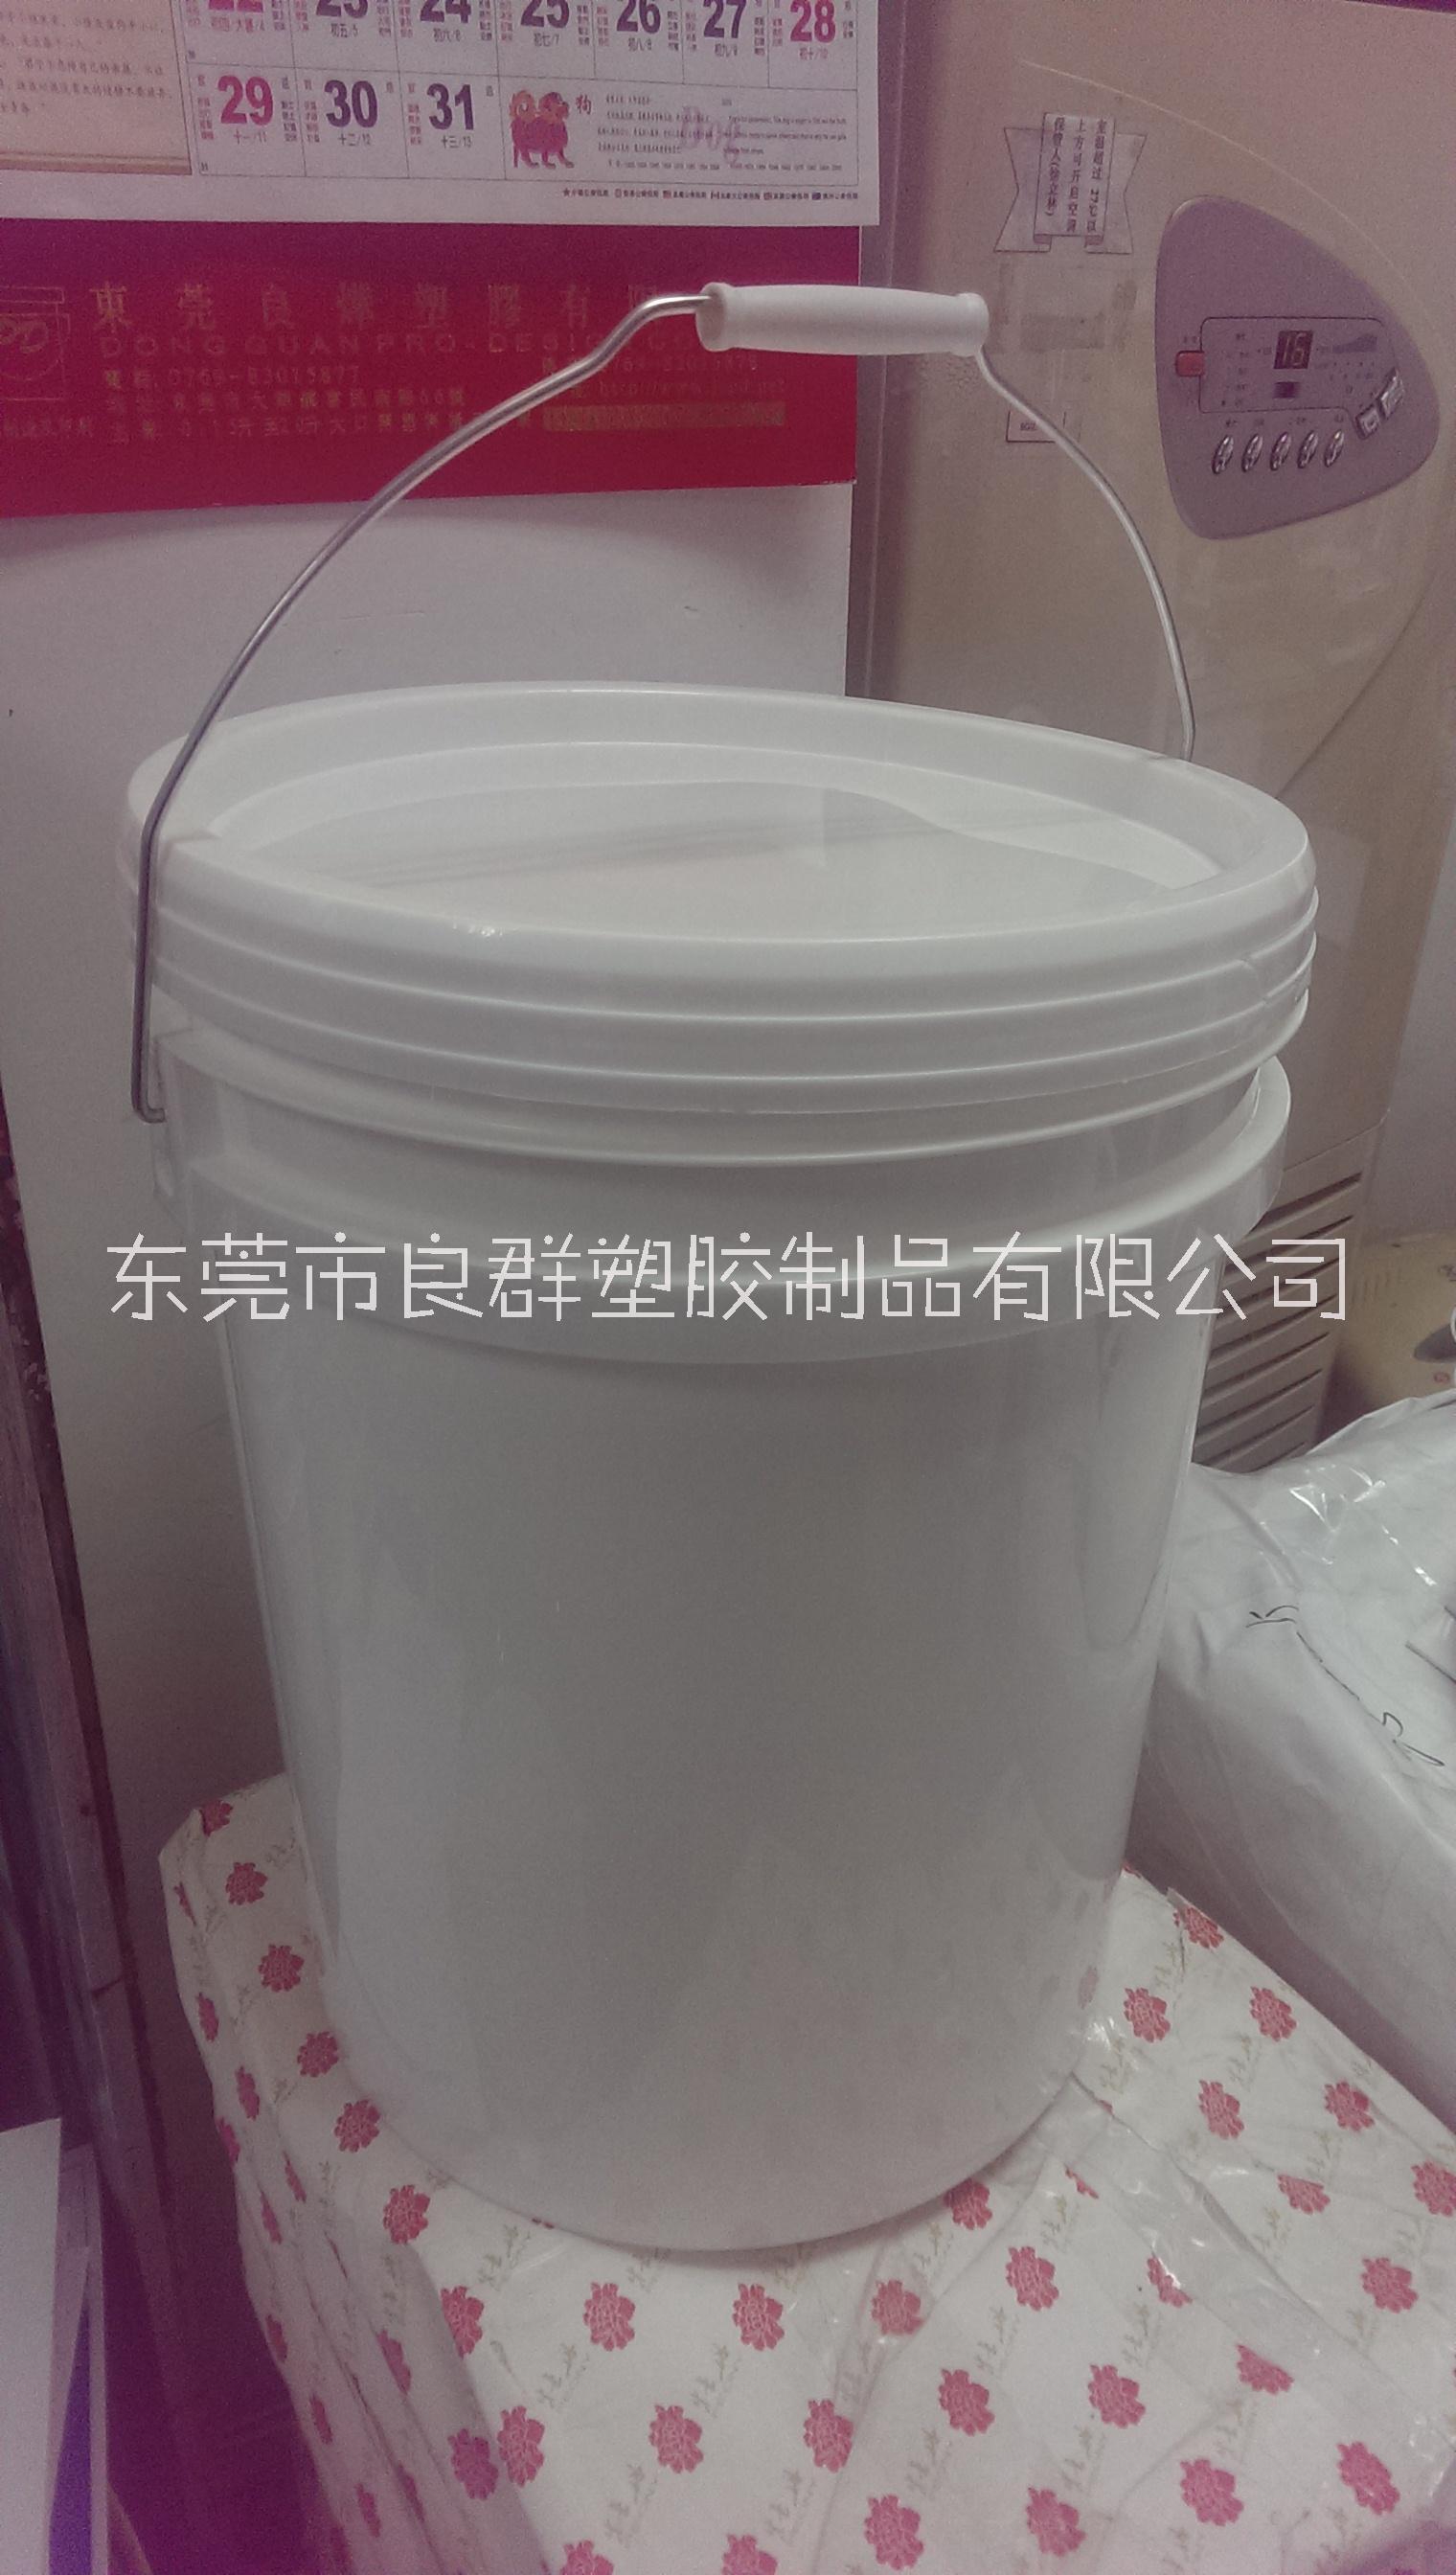 25升涂料桶 25KG涂料桶厂家直销 25L包装桶欢迎来电咨询